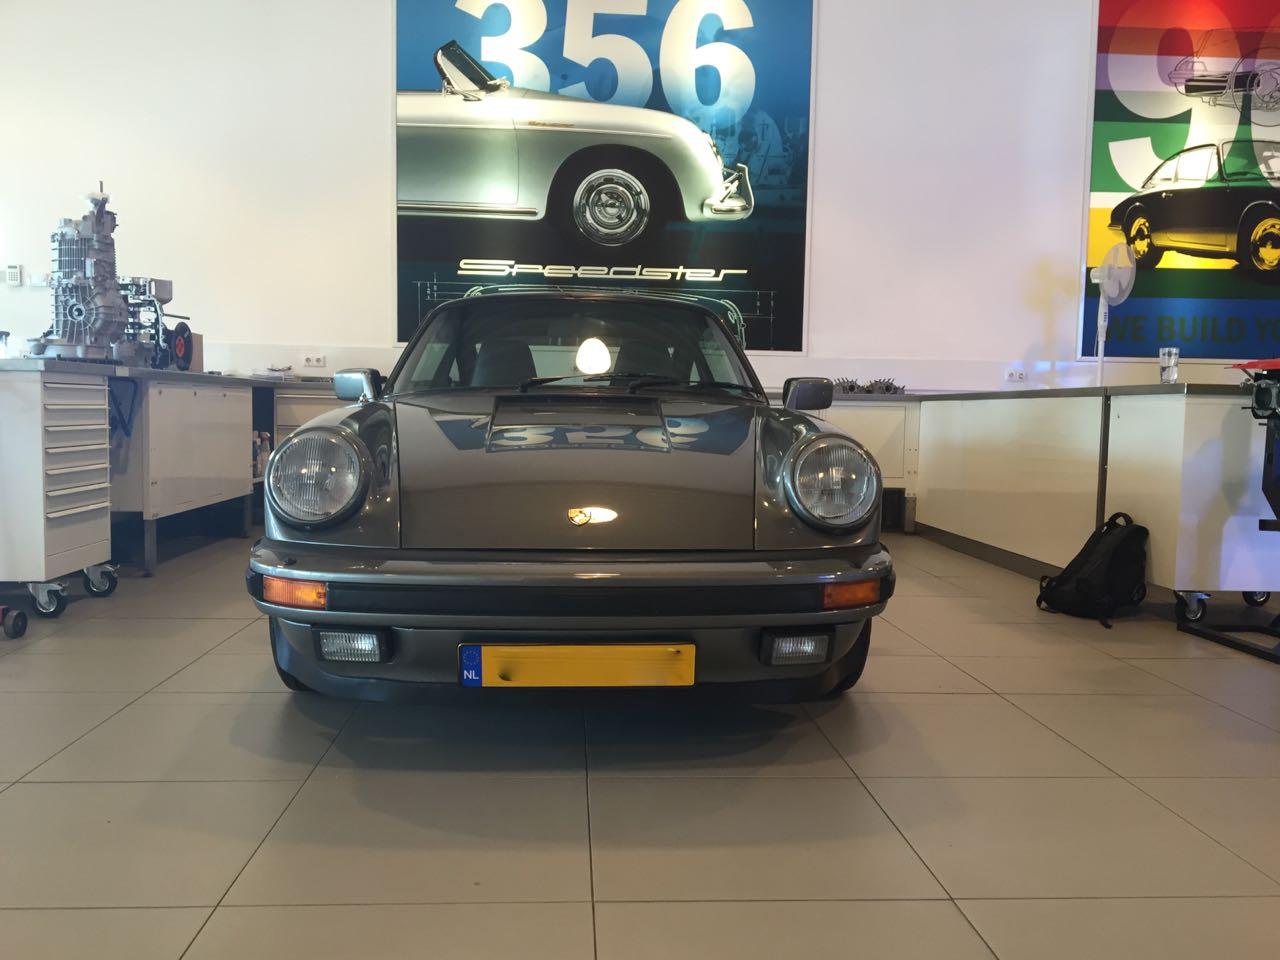 911 youngtimer - Porsche 911 Carrera G50 - 1987 - Felsengruen 2